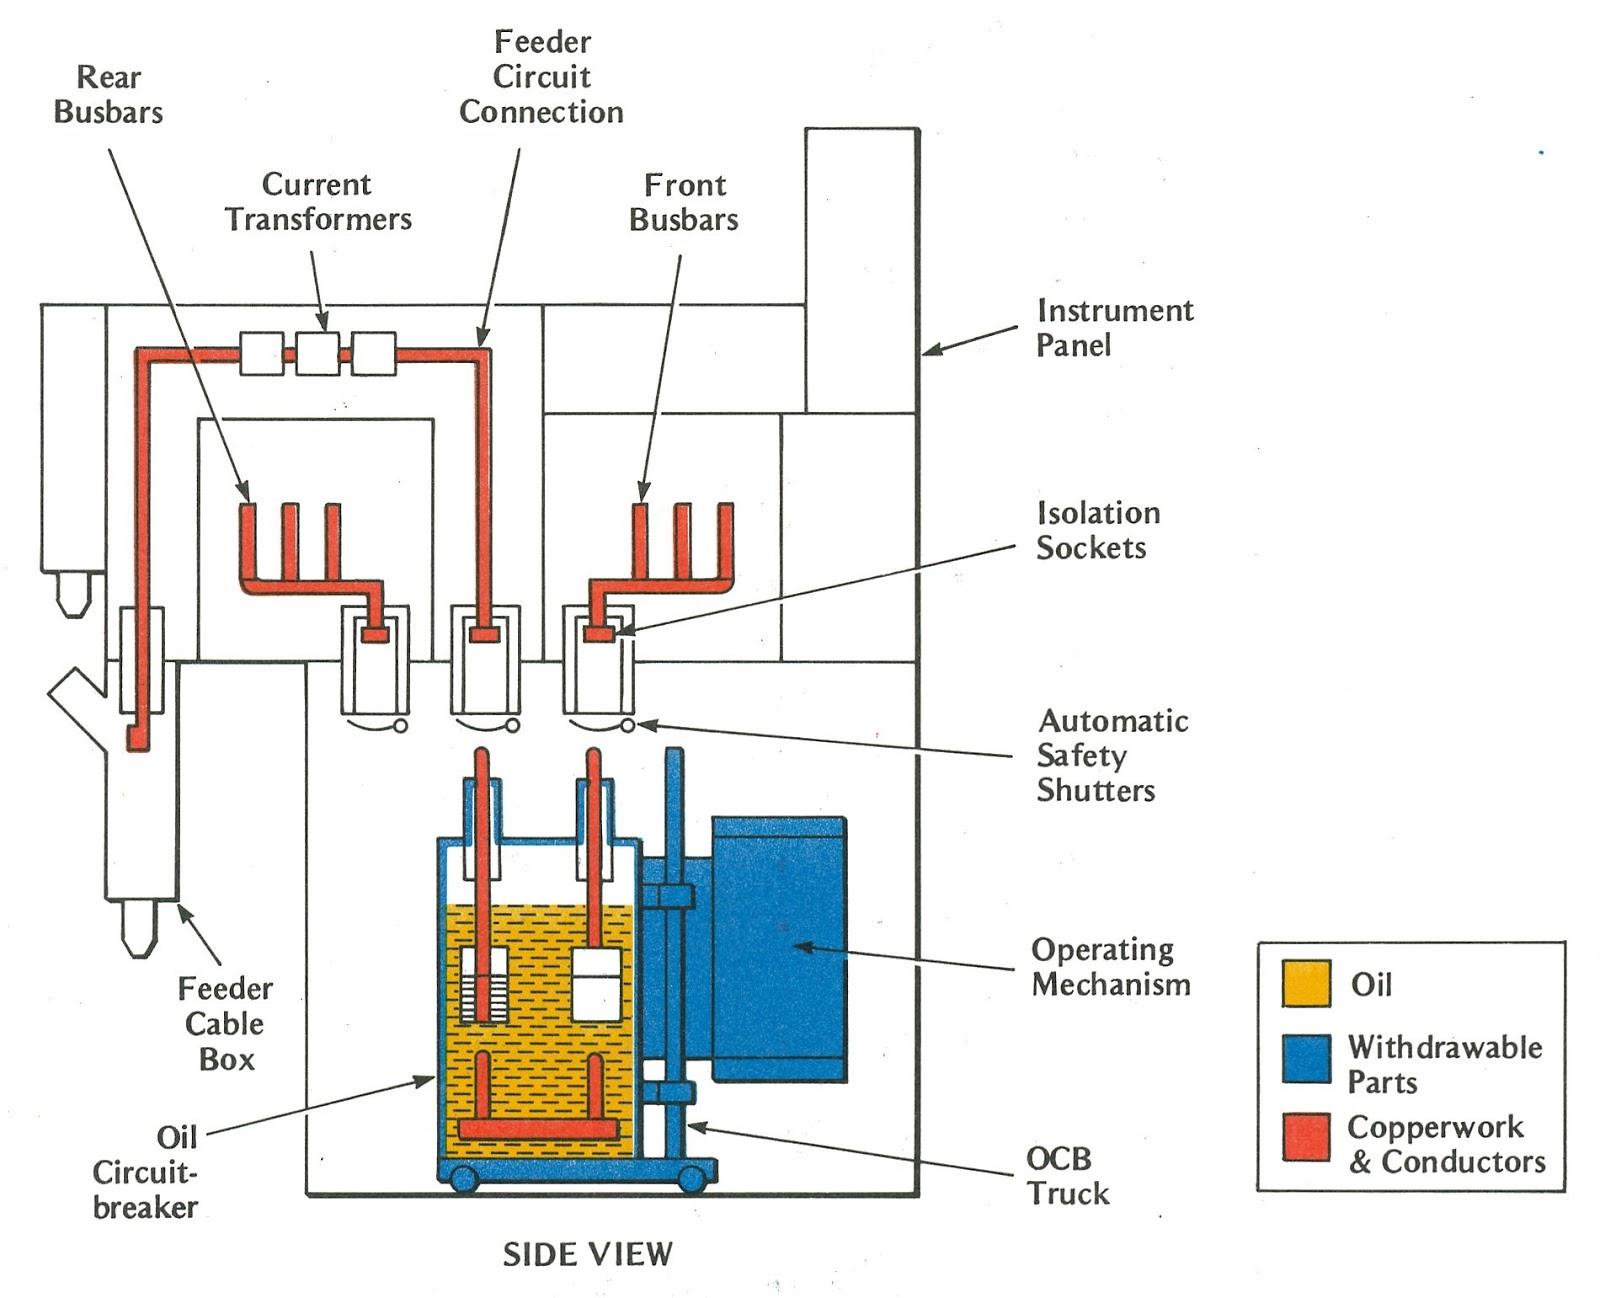 medium resolution of high voltage switchgear wiring diagram wiring diagram yer wiring diagram high voltage switch gear